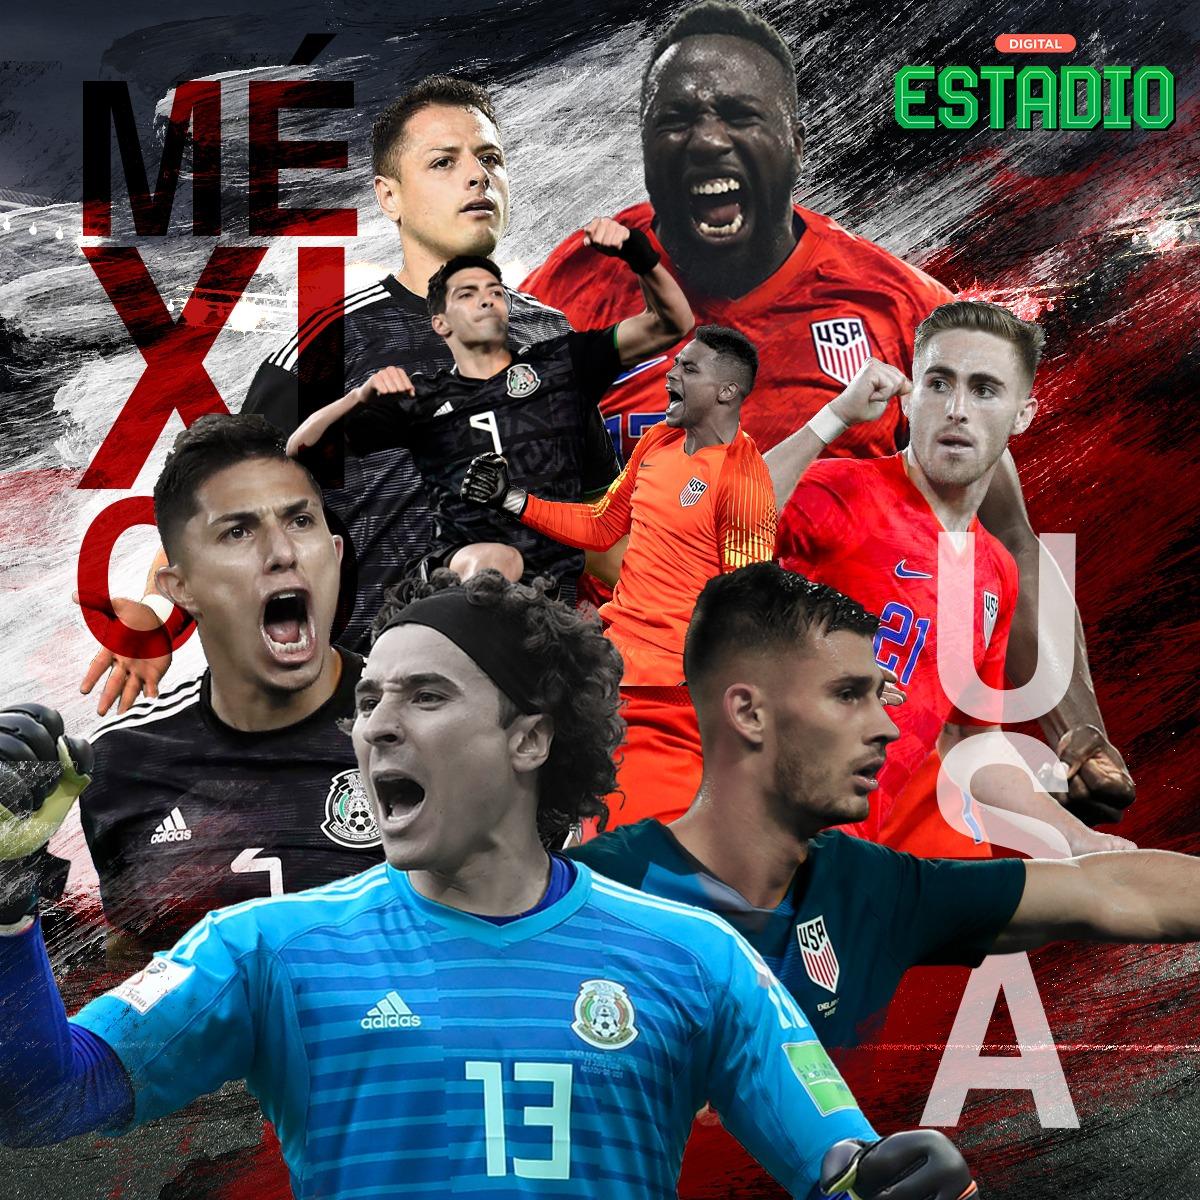 México vs Estados Unidos: horario y dónde ver el Clásico de la Concacaf